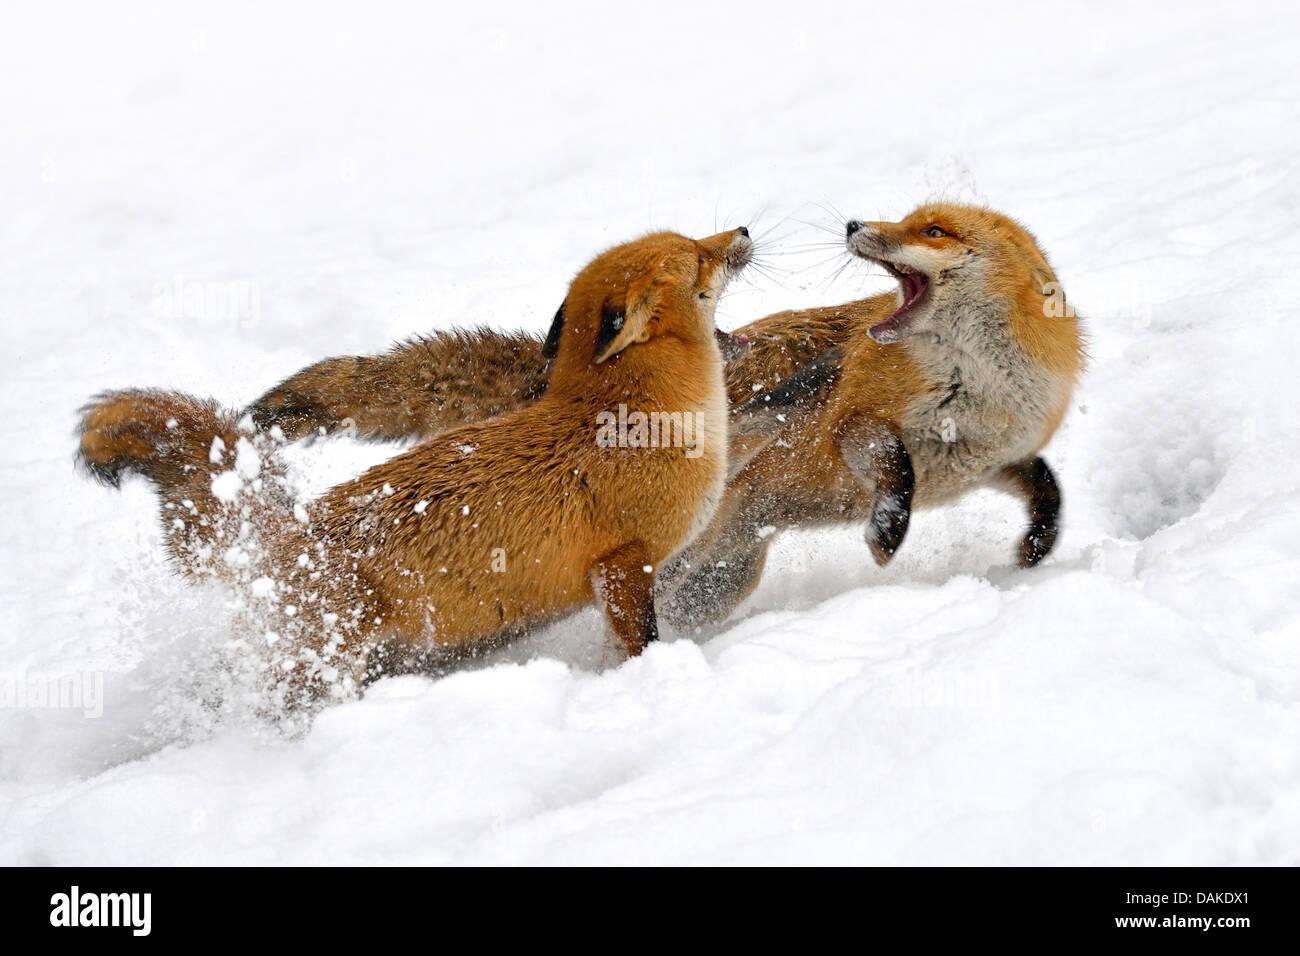 Le renard roux (Vulpes vulpes), le renard deux combats dans la neige, Allemagne Photo Stock